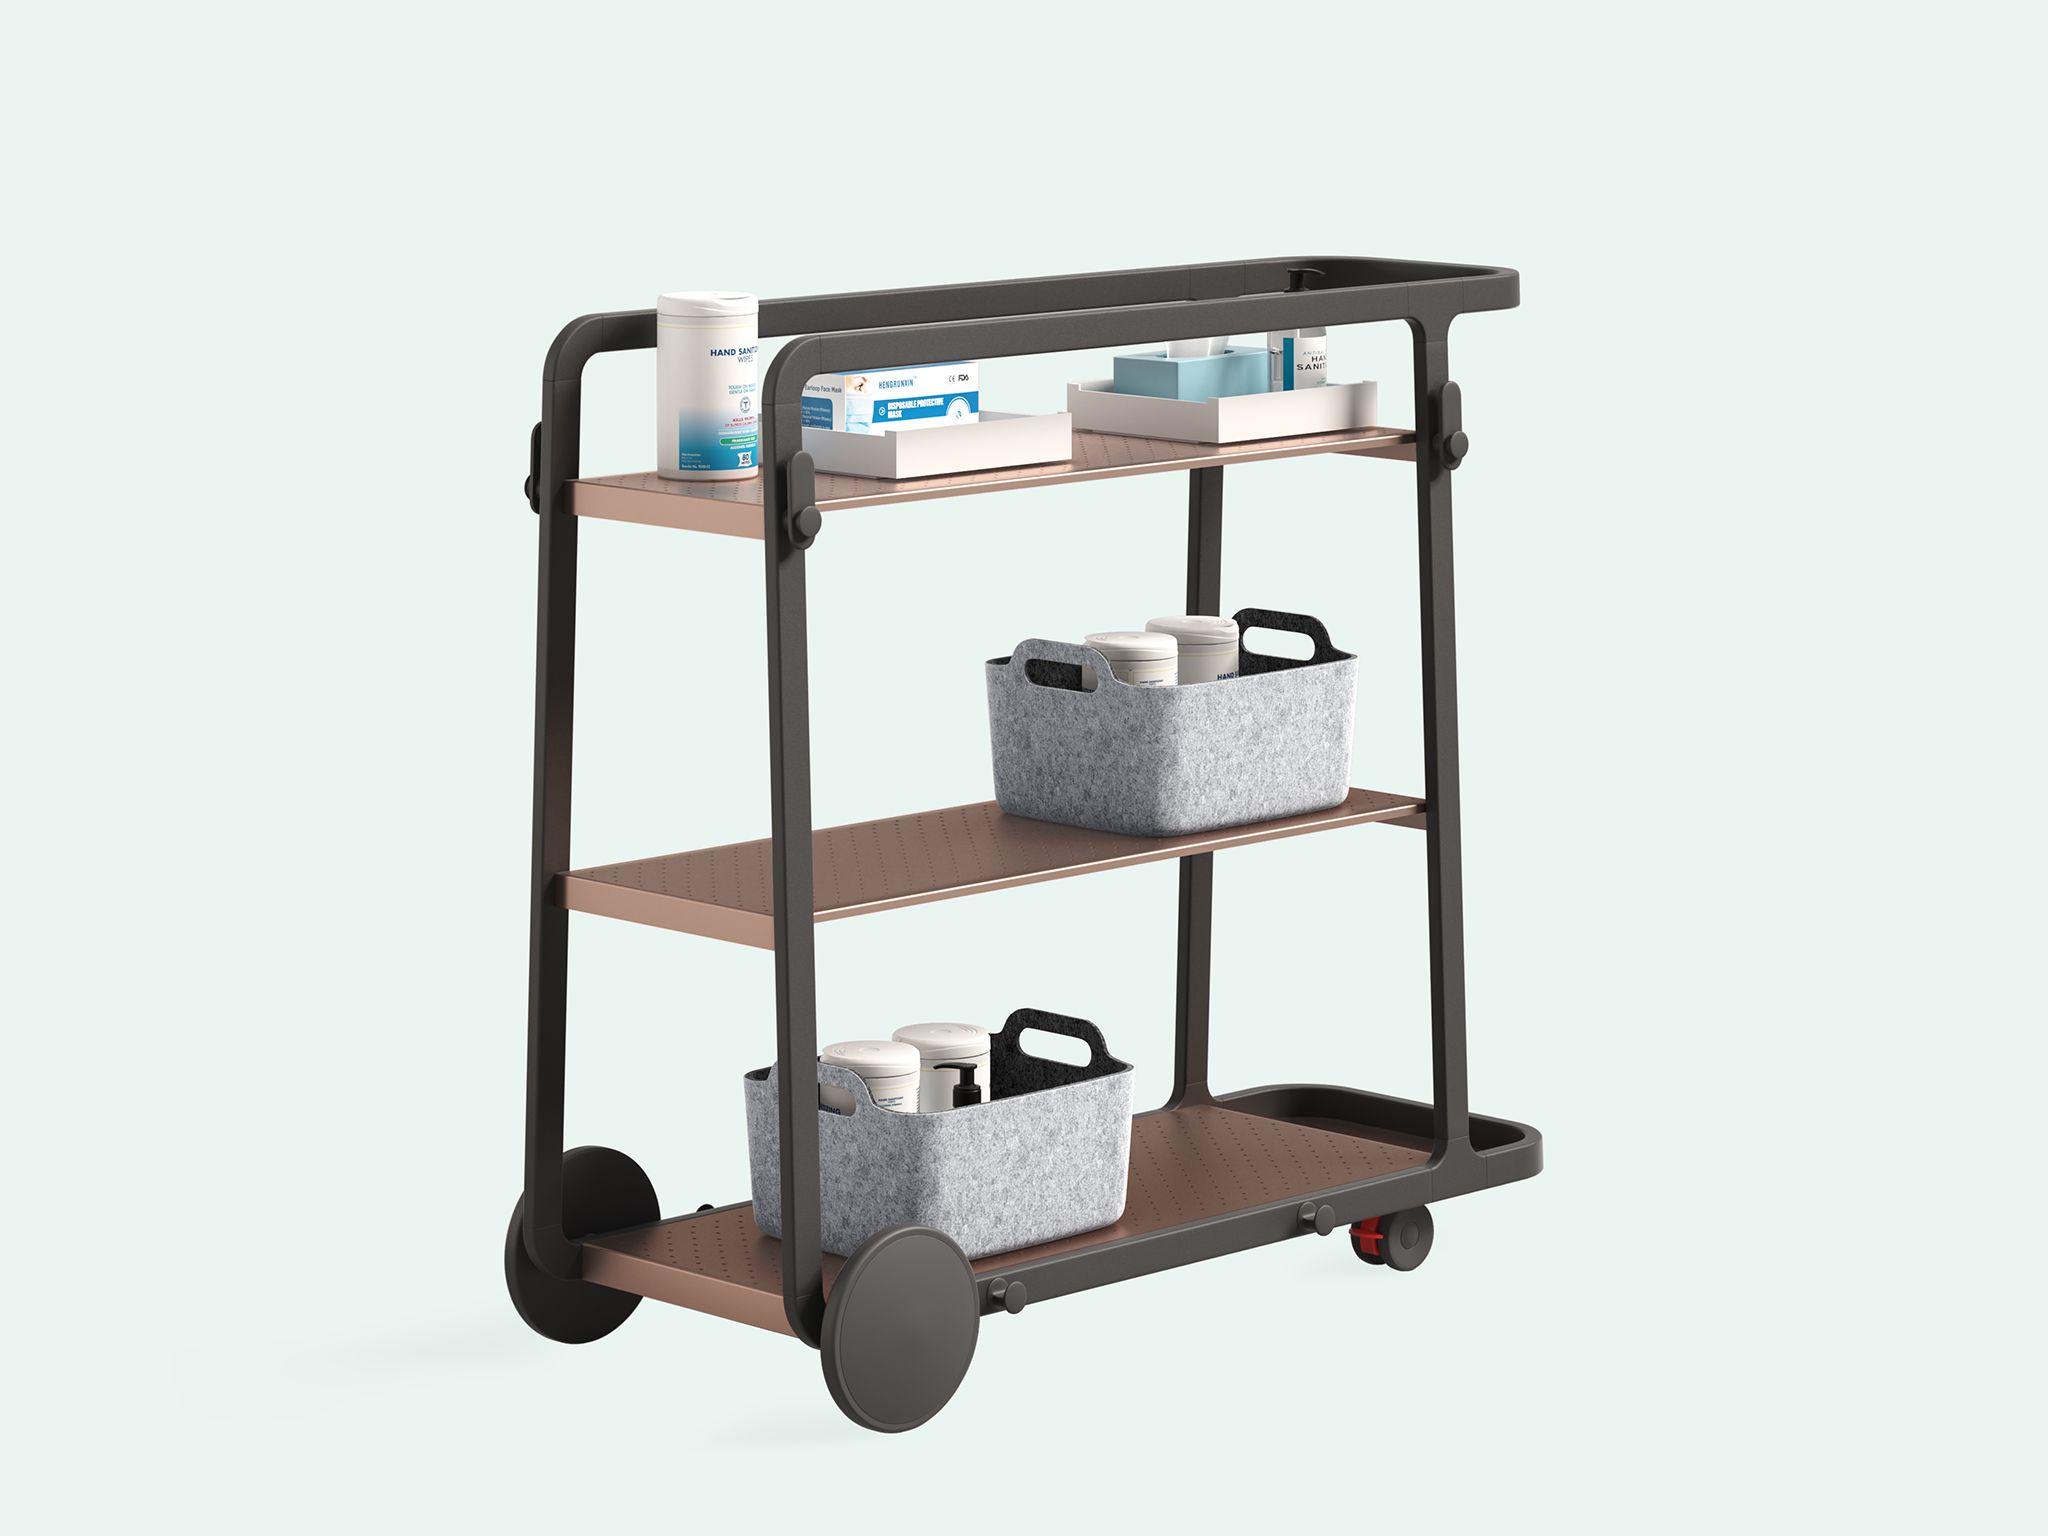 Steelcase Flex Team Carts